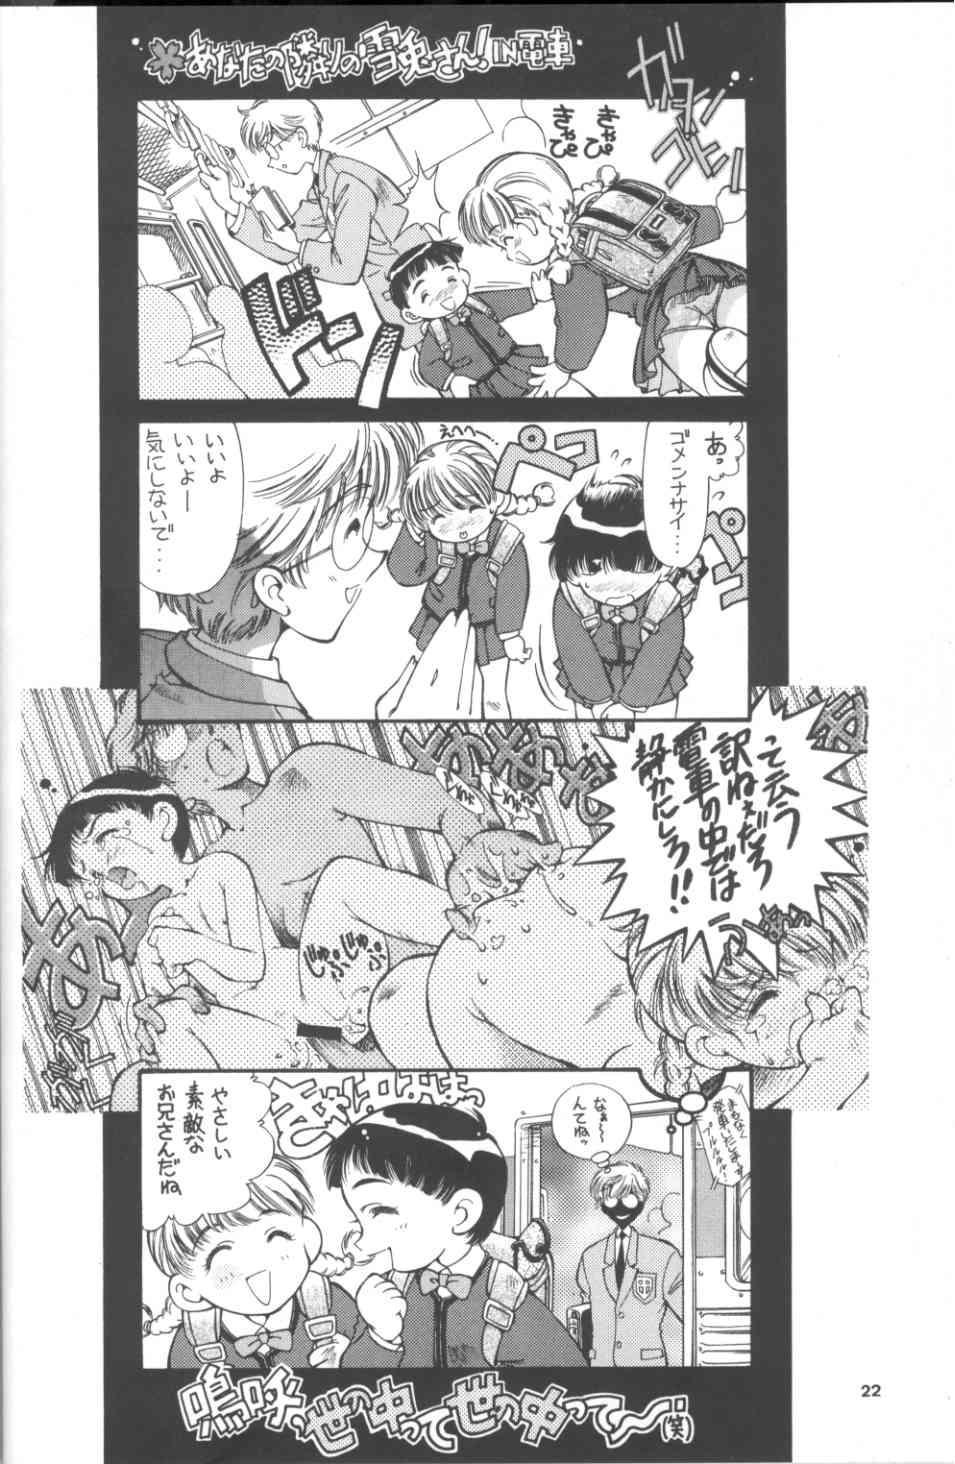 Sakura Zensen Juudan Naka! 1+2 Soushuu 21